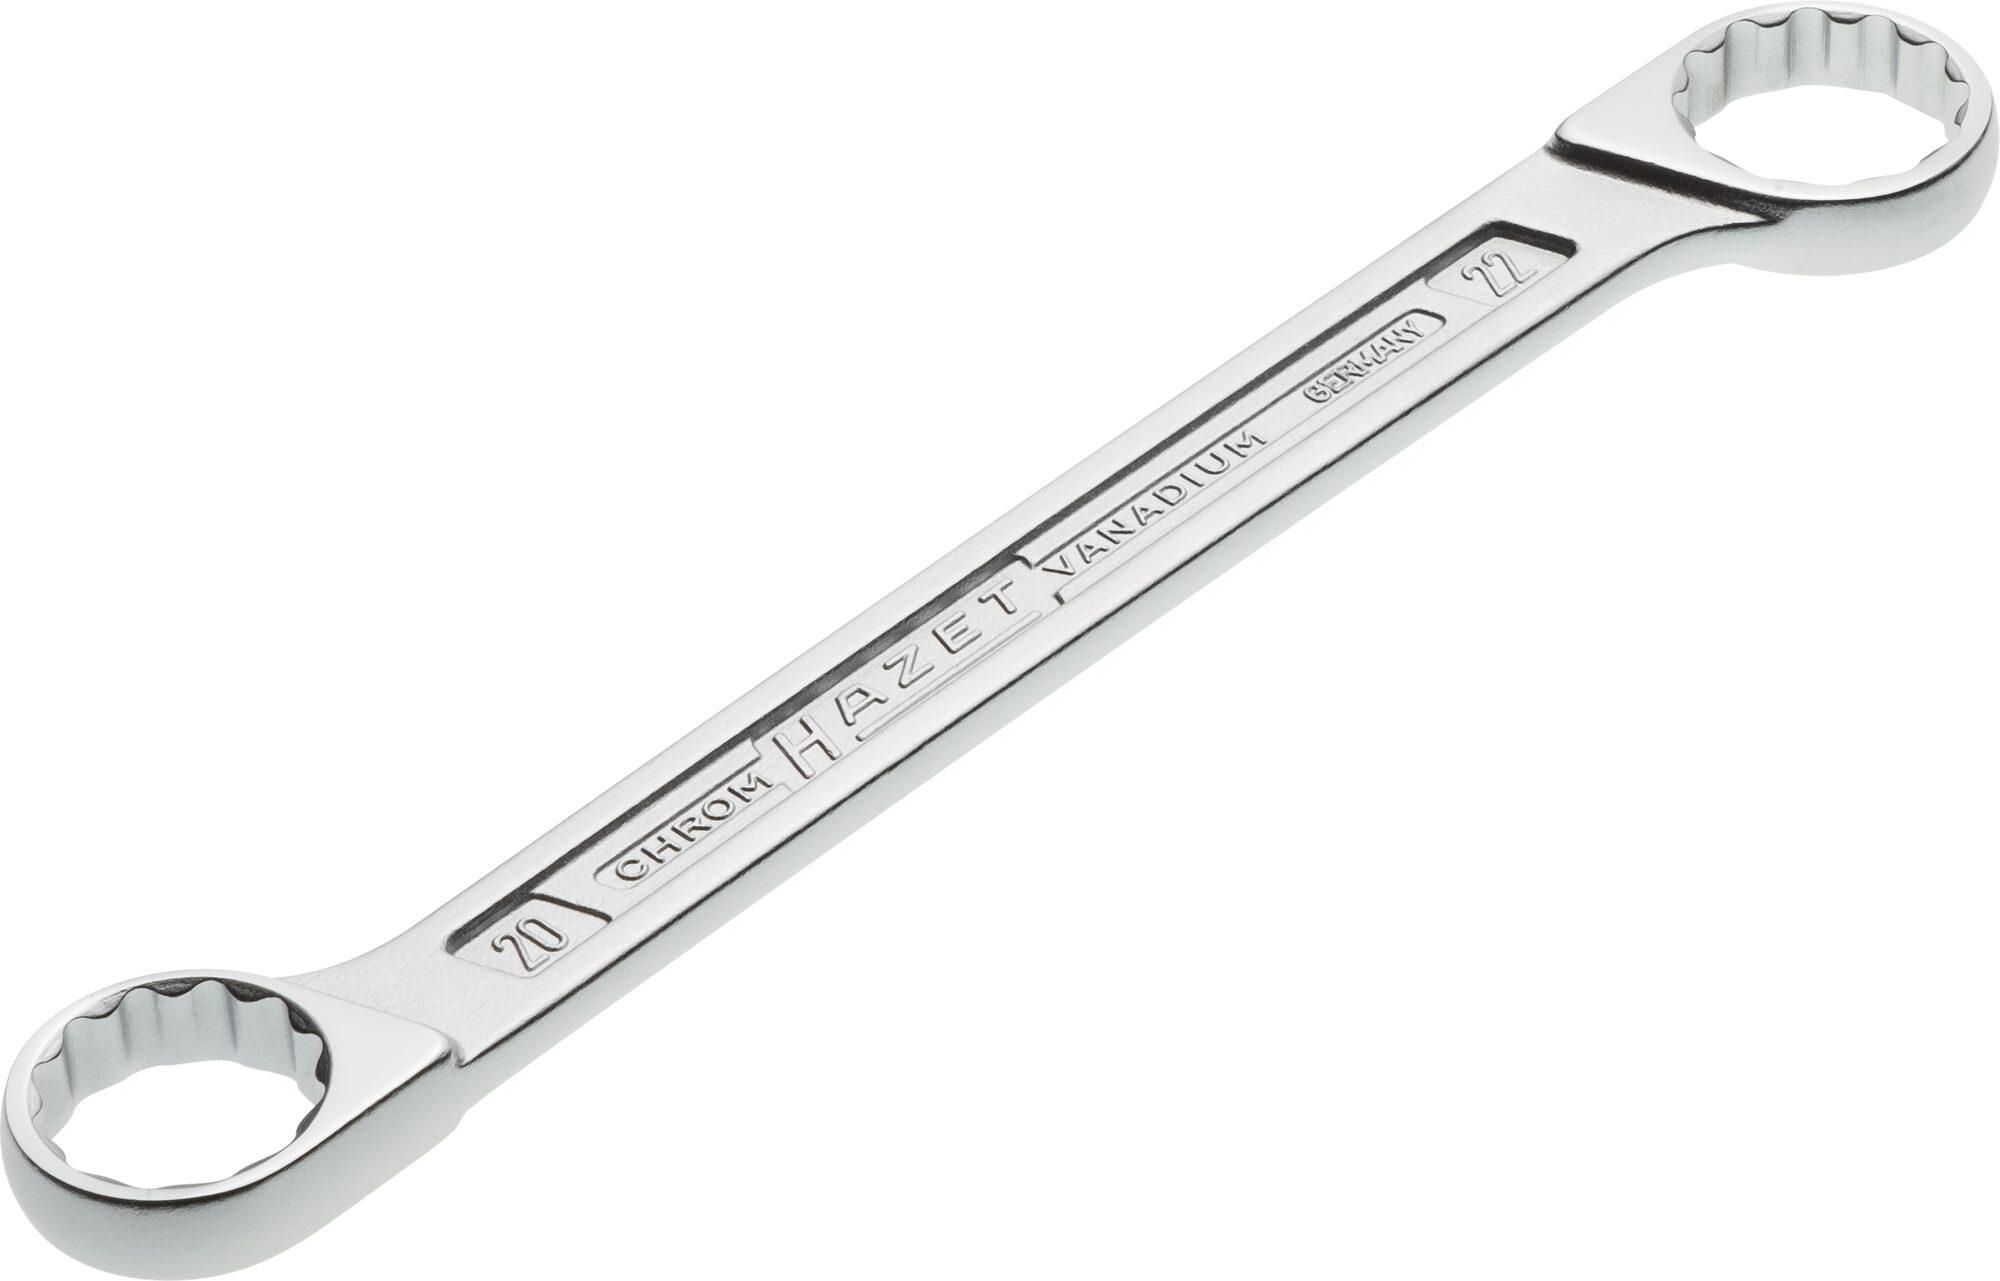 HAZET Doppel-Ringschlüssel 610N-20X22 ∙ Außen-Doppel-Sechskant-Tractionsprofil ∙ 20 x 22 mm